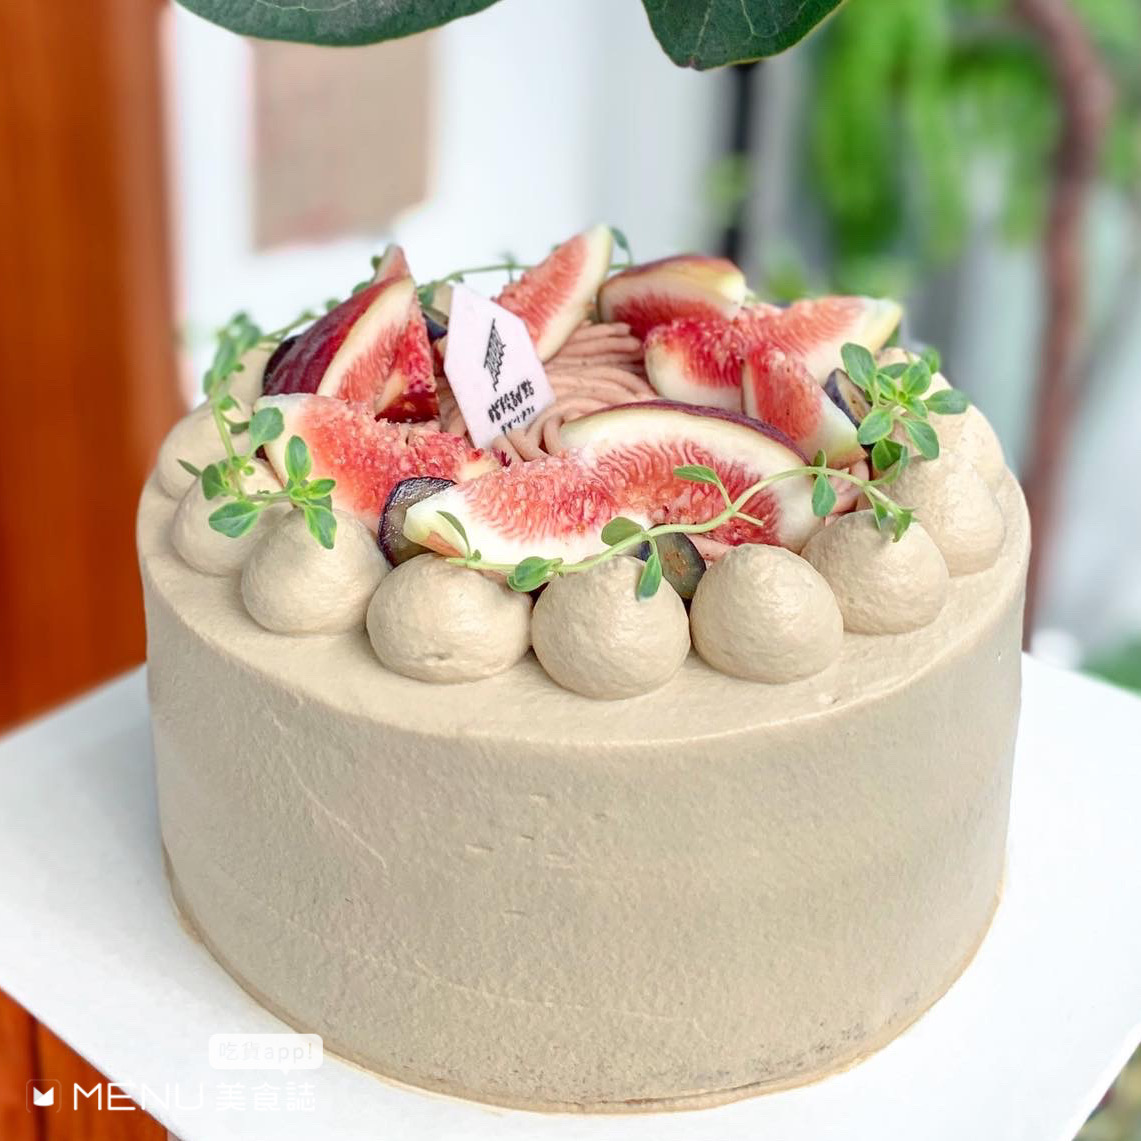 媽咪,您辛苦了!母親節蛋糕最佳首選,全台嚴選8家人氣蛋糕店!溫暖送出你的真心誠意!